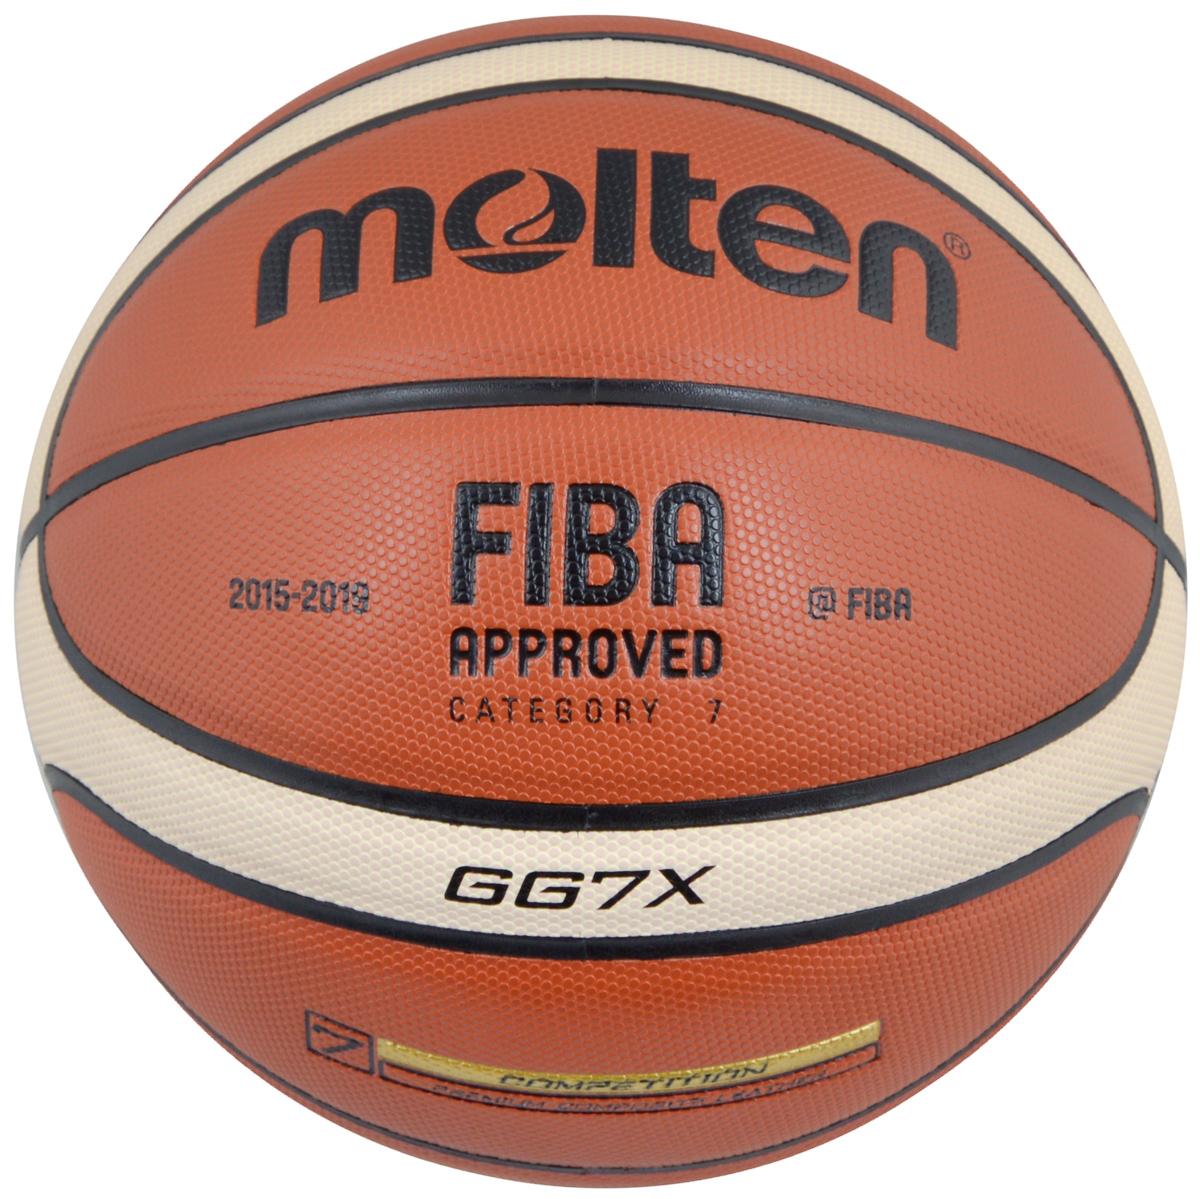 """Мяч баскетбольный """"Molten"""", цвет: кирпичный, черный, бежевый. Размер 7. BGG7X"""